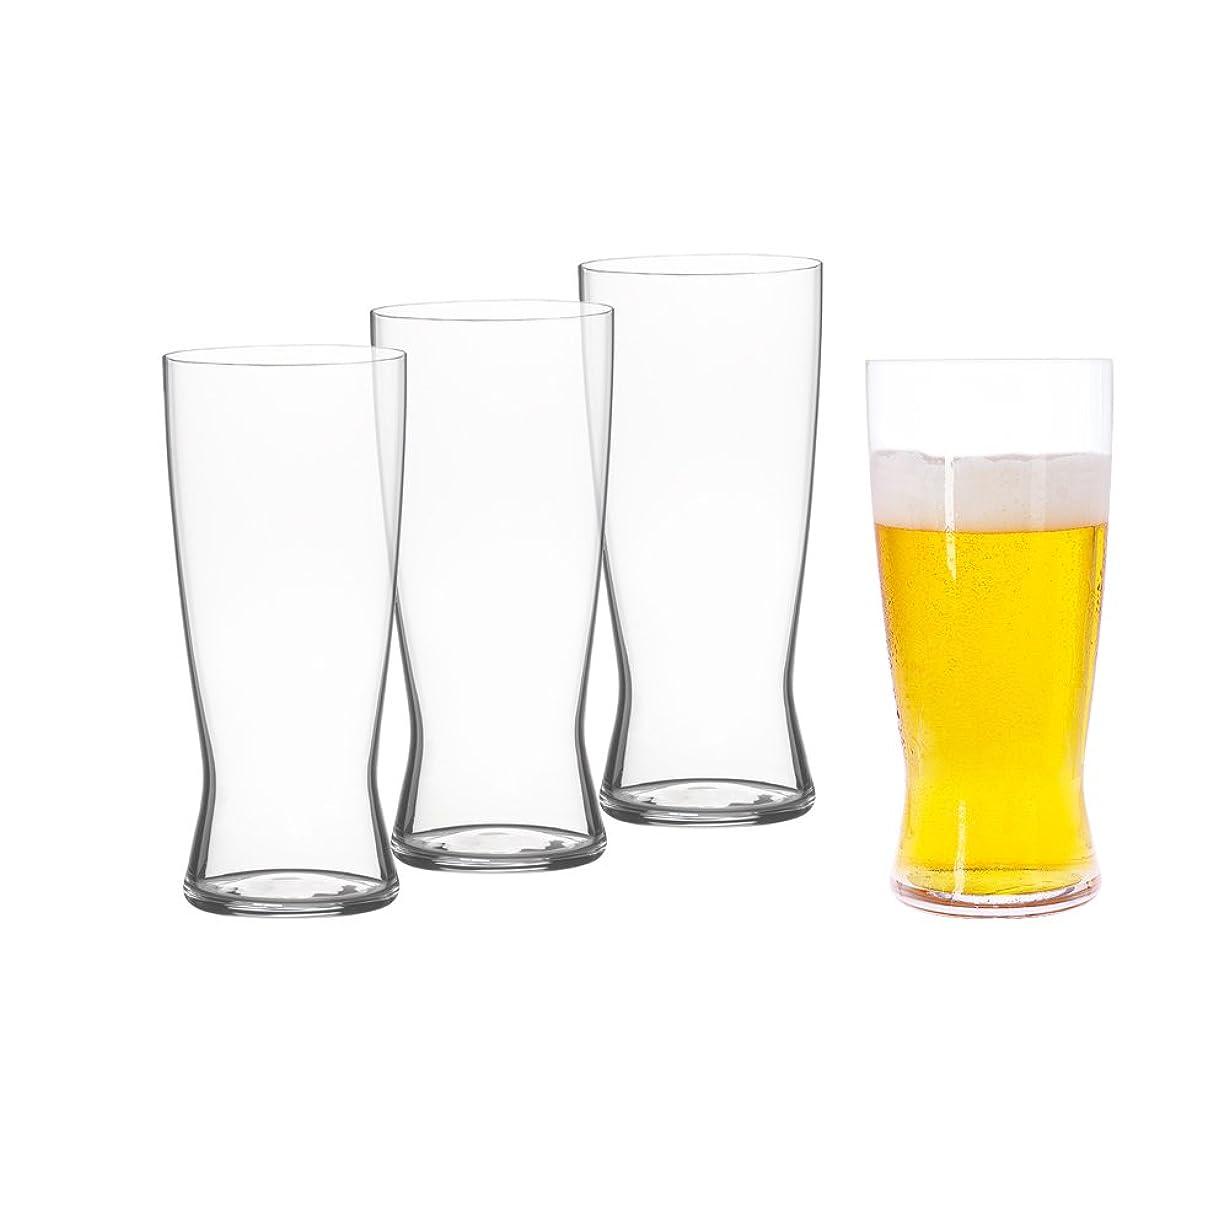 核嫌い解放するシュピゲラウ(Spiegelau) ビールクラシックス ラガービアグラス 560ml  4991971 4個入